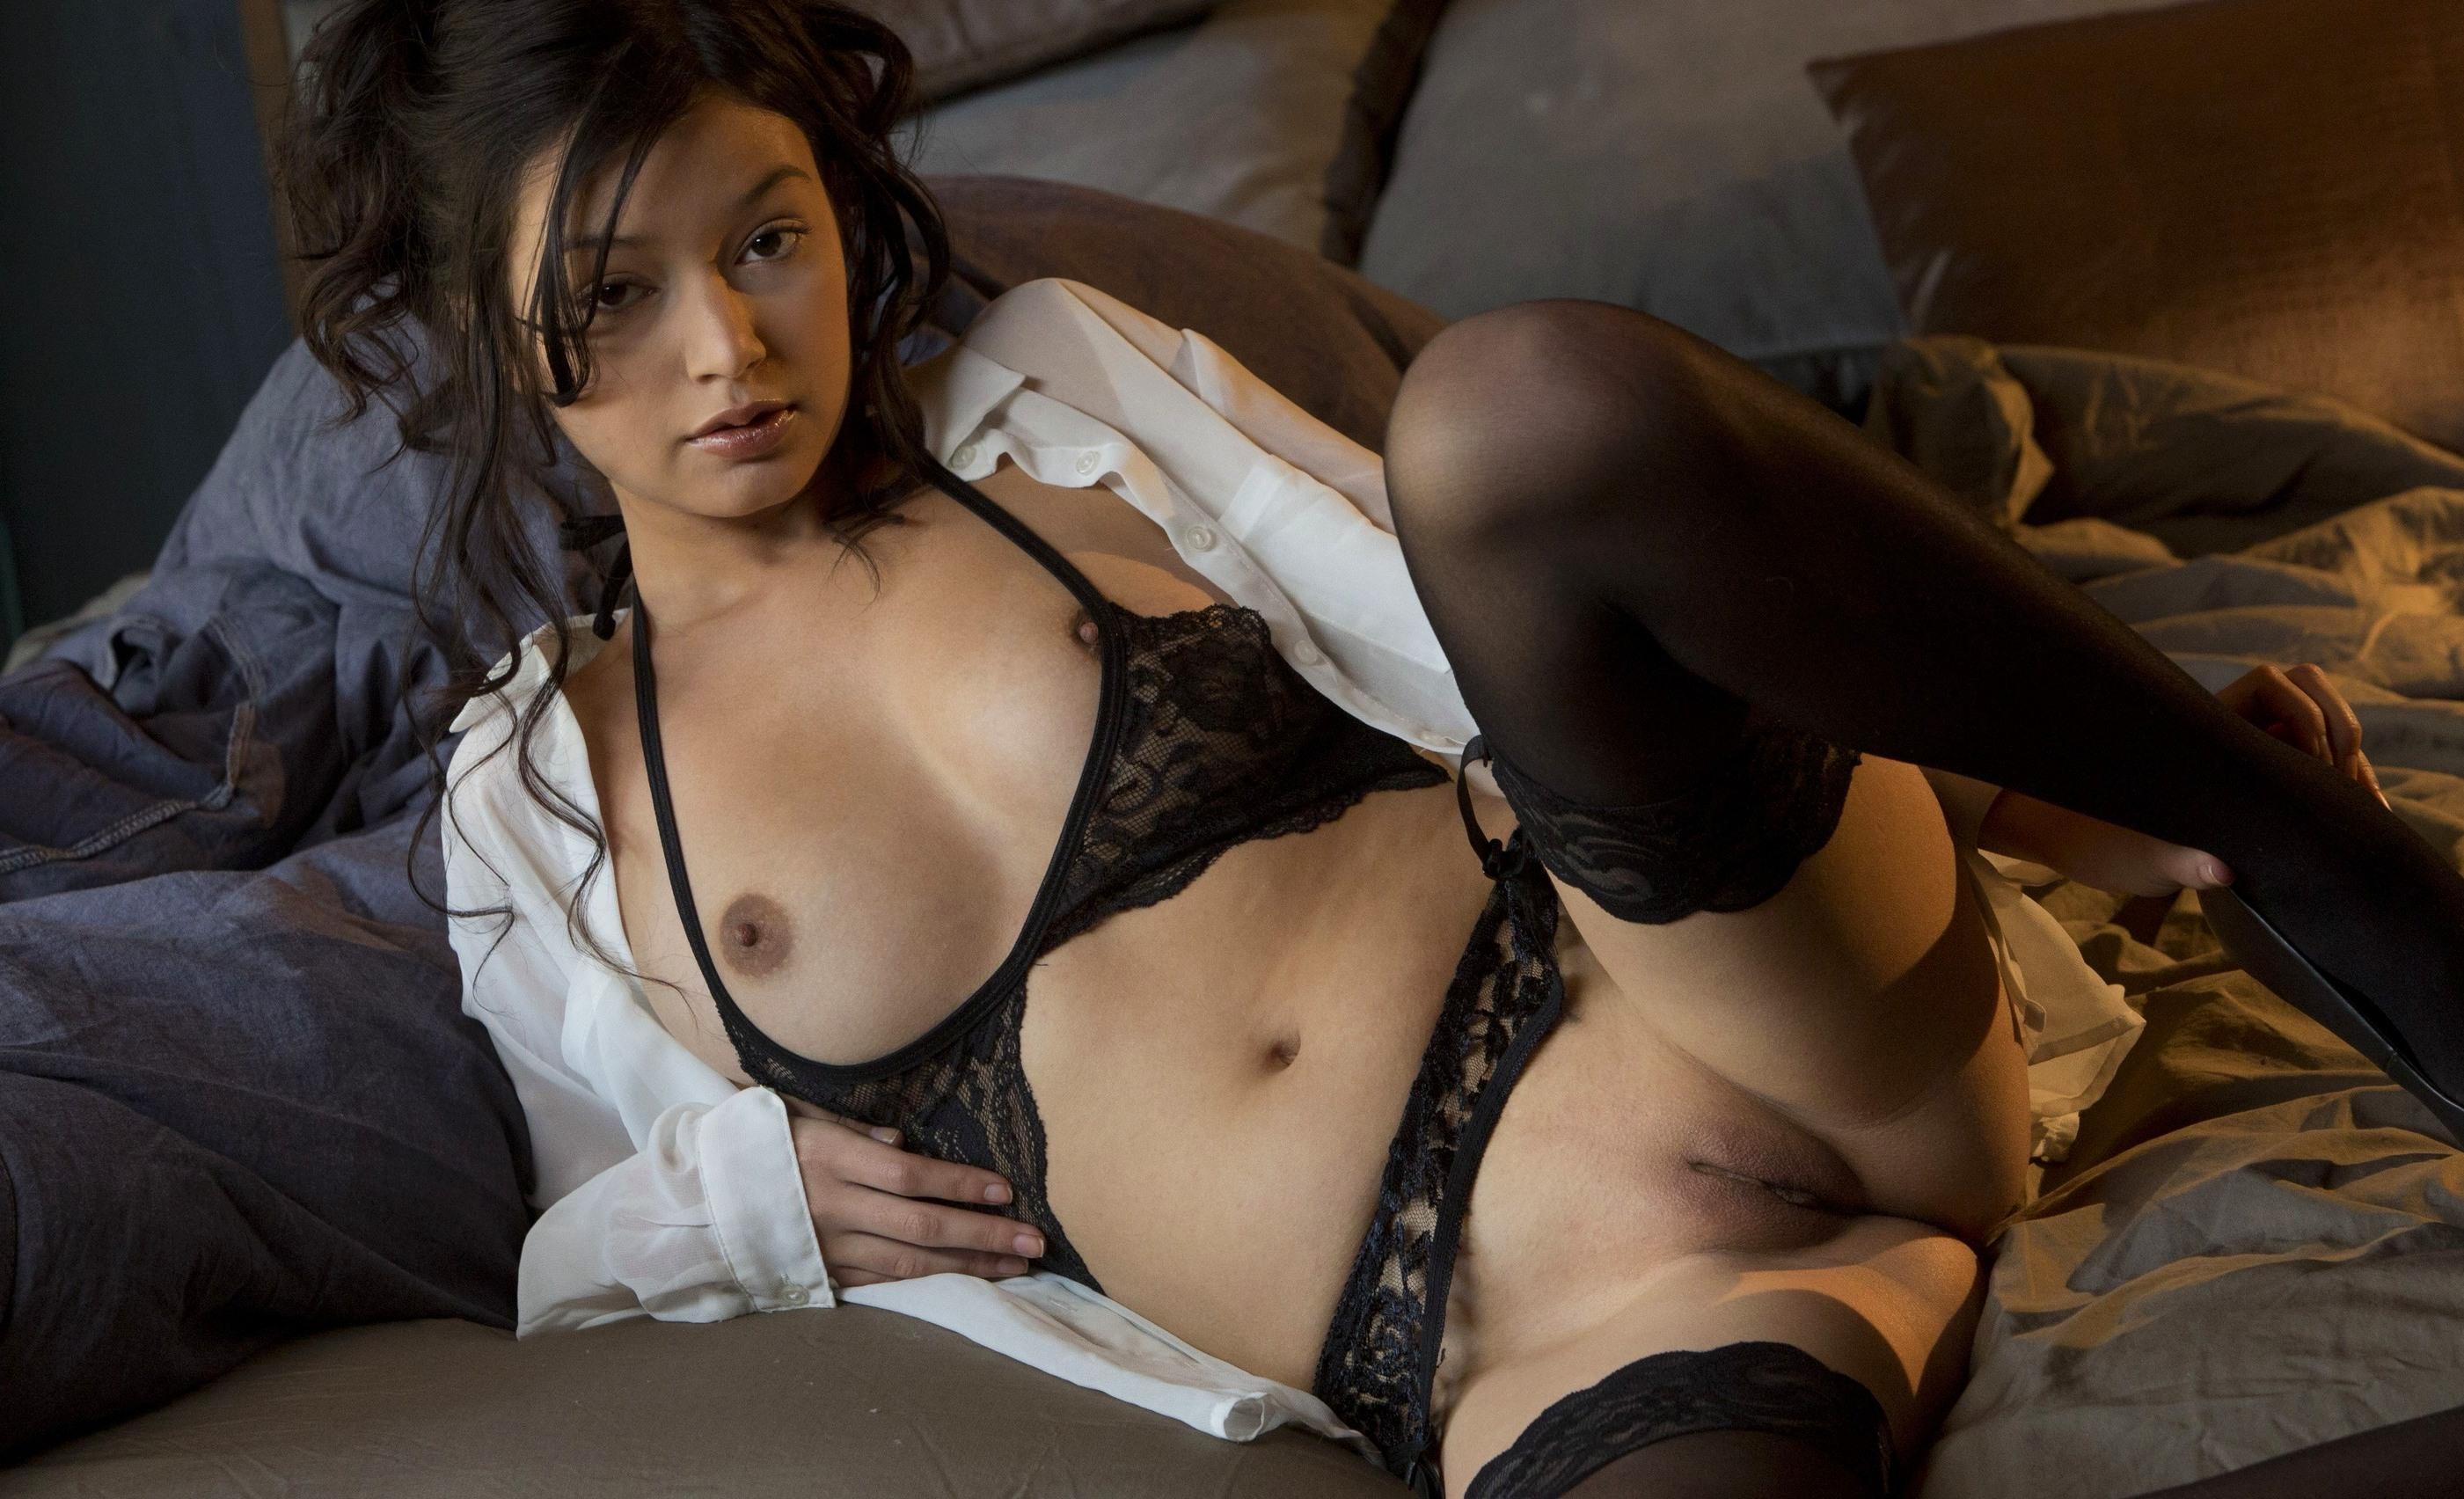 Фото Сексуальная брюнетка в черном нижнем белье в постели, бритая киска, чулки, стянула лифчик, сняла трусы, красивая гладкая пизда, скачать картинку бесплатно